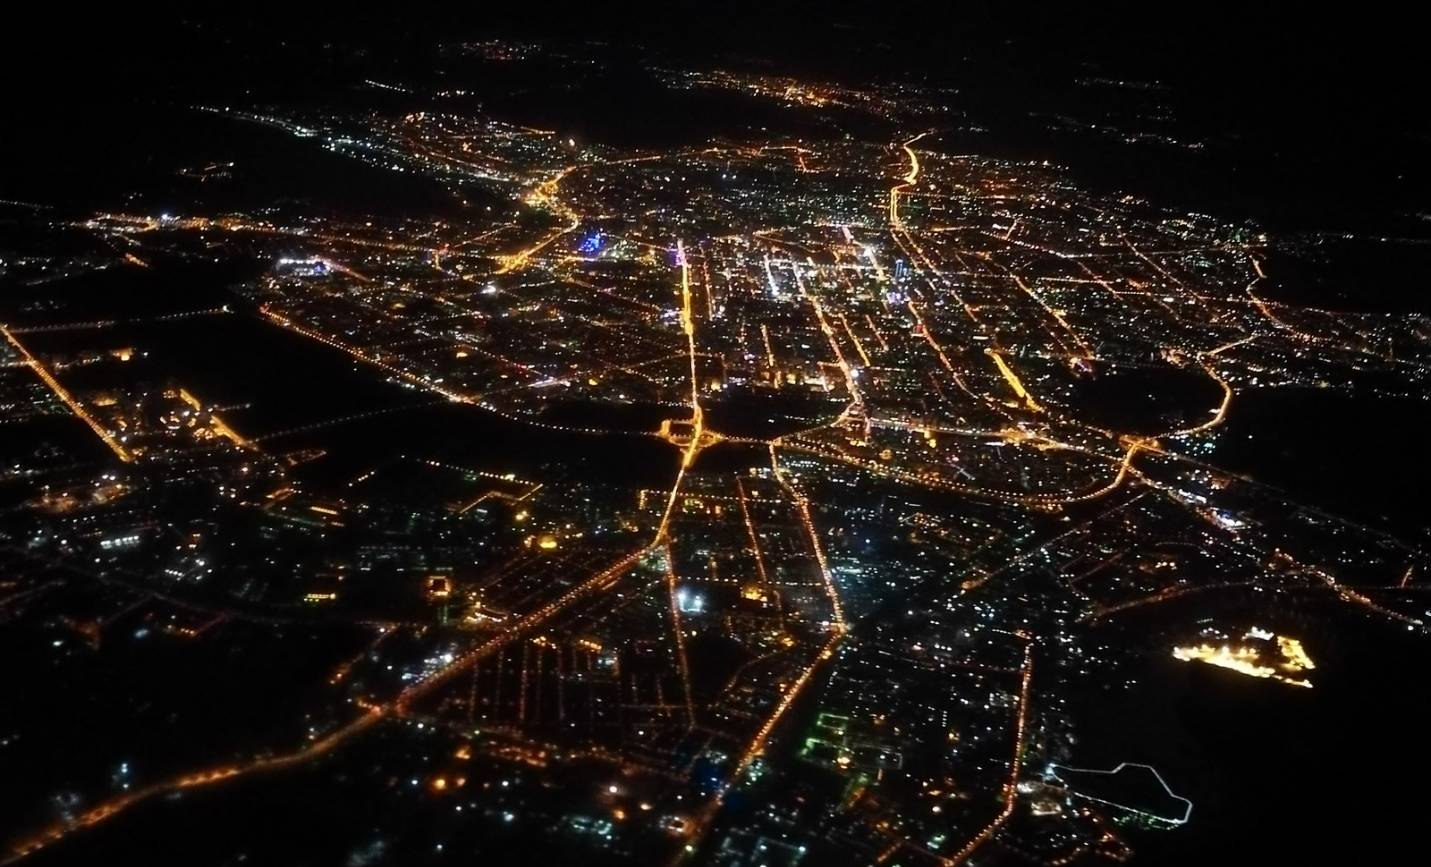 освещения автомагистралей